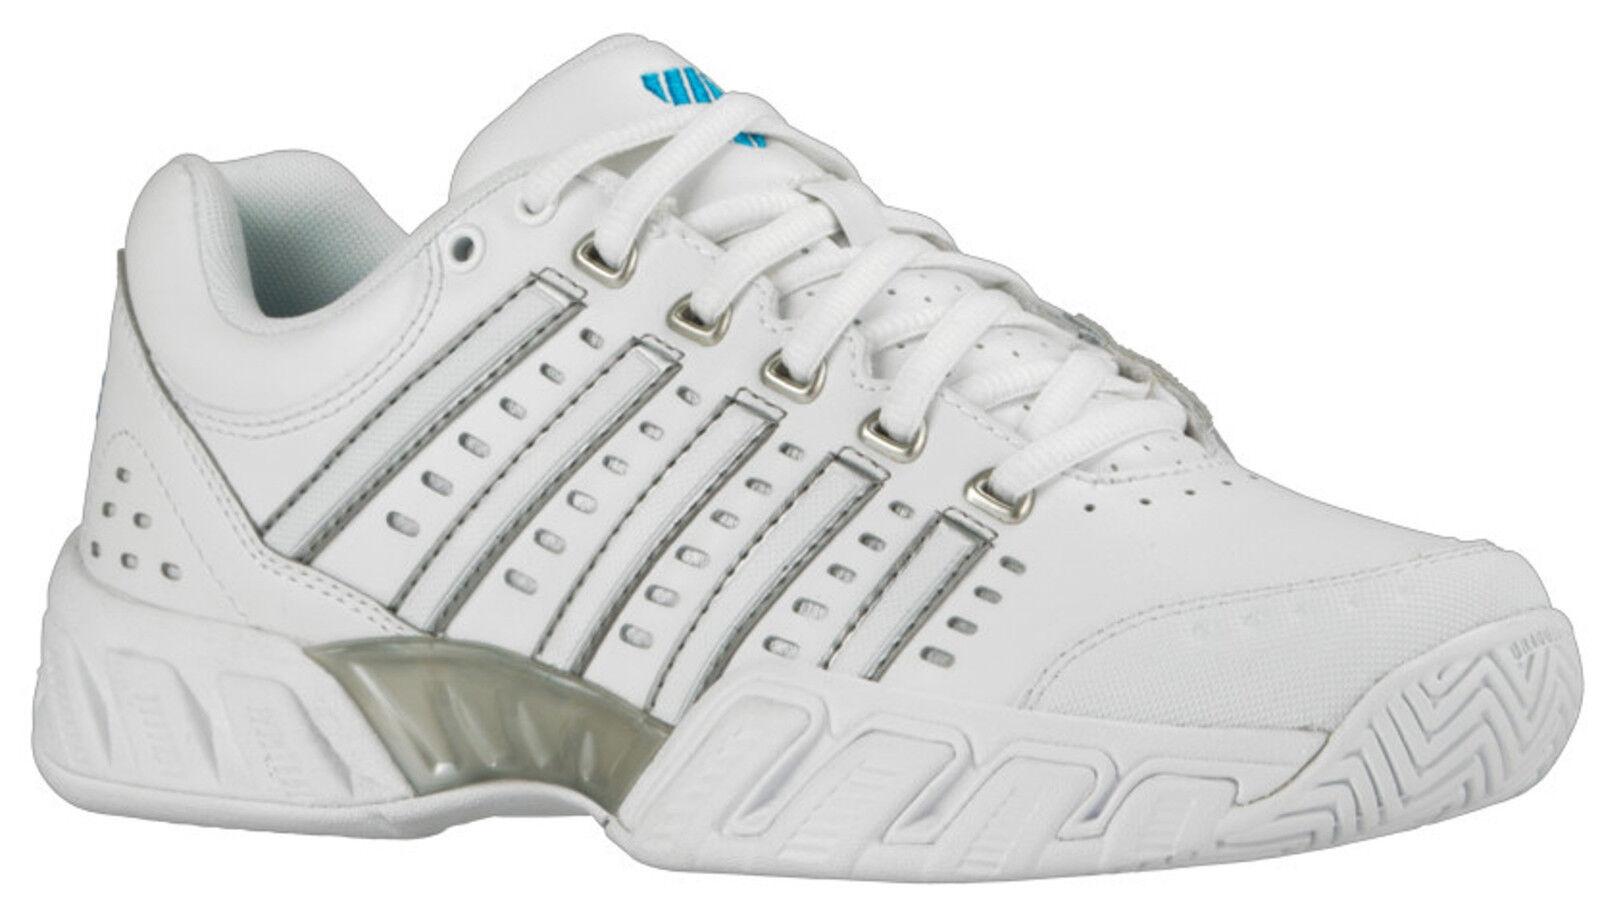 K-SWISS BIGSHOT LIGHT LEATHER Damen Outdoor Tennisschuhe 95368-159 weiß    | Feinen Qualität  | Ausgezeichnet  | Bekannt für seine hervorragende Qualität  3b5c27